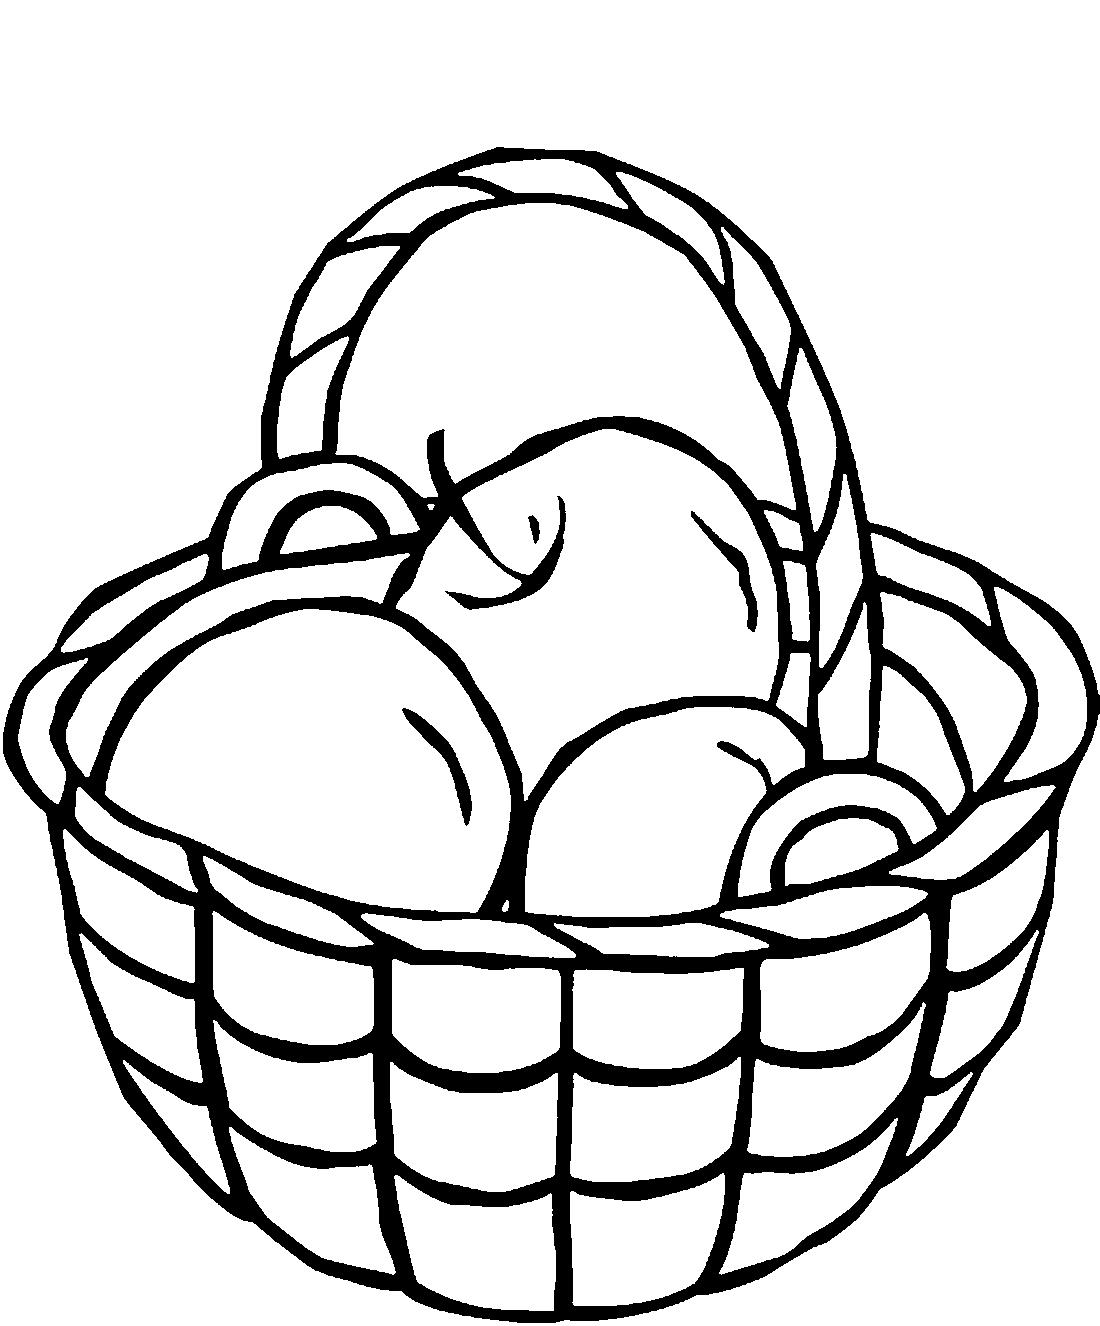 Яблоки в корзине - раскраска №13566 | Printonic.ru